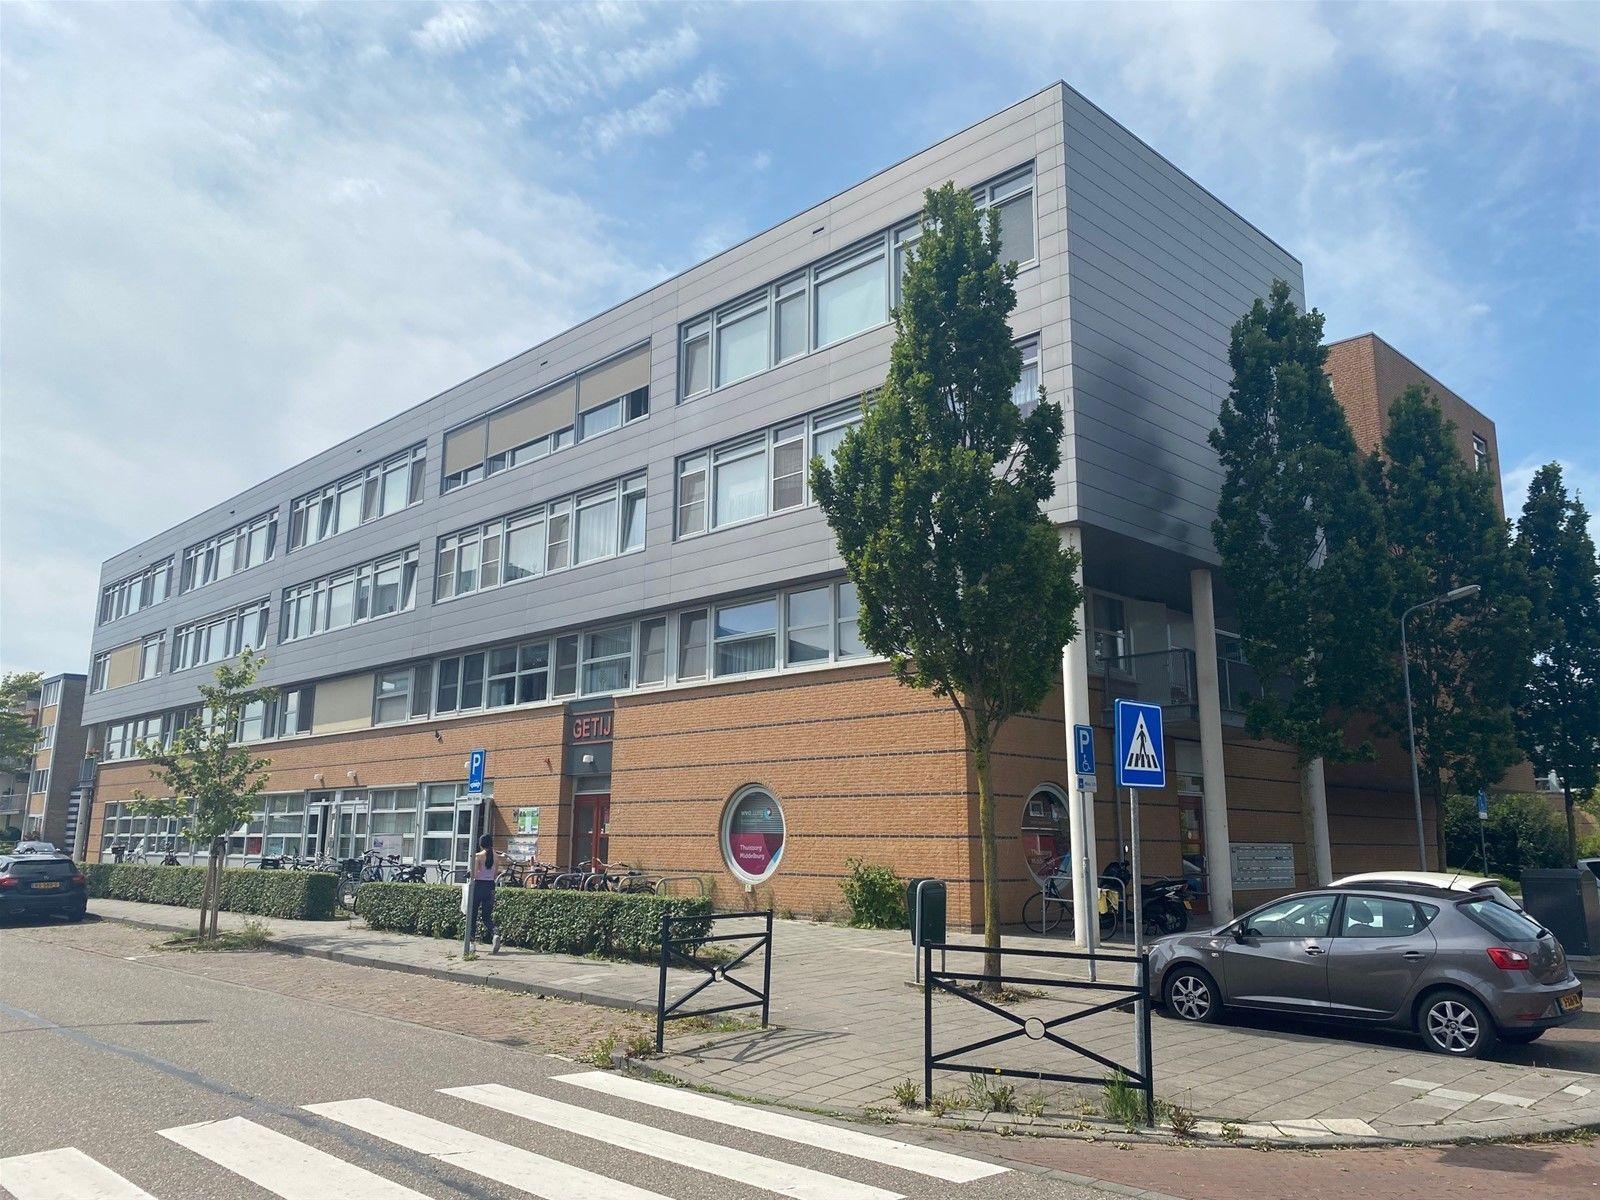 Mosselkreekstraat, Middelburg